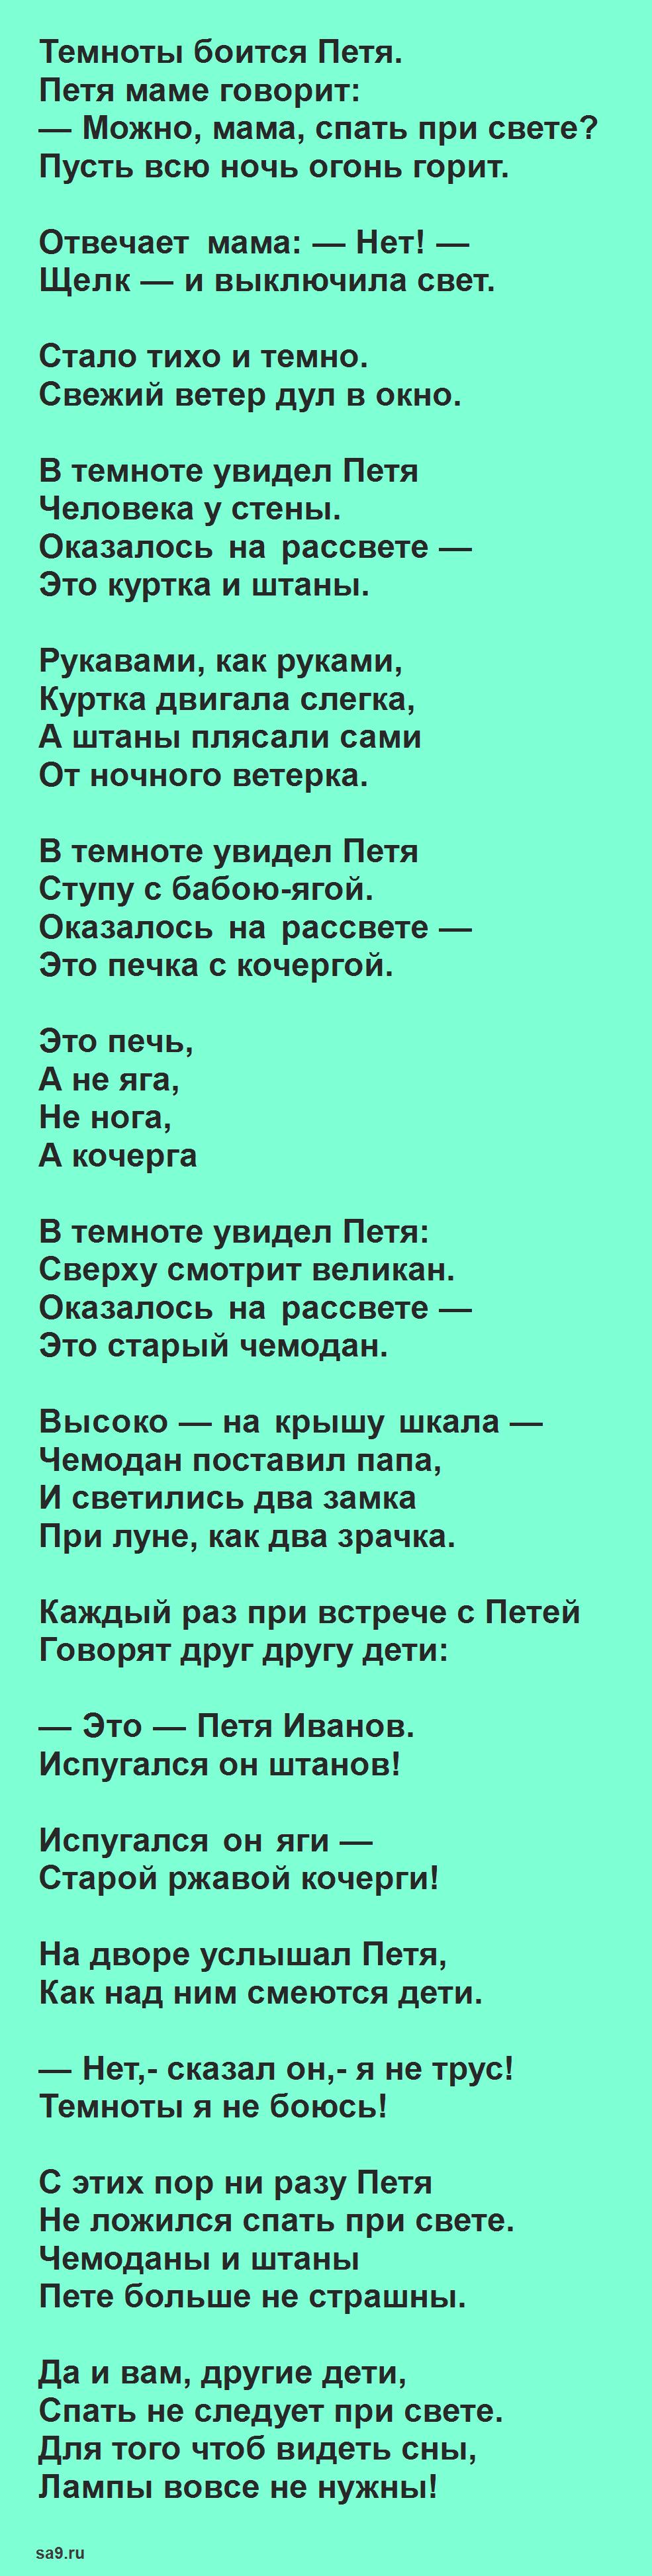 Маршак стихи для детей - Чего боялся Петя